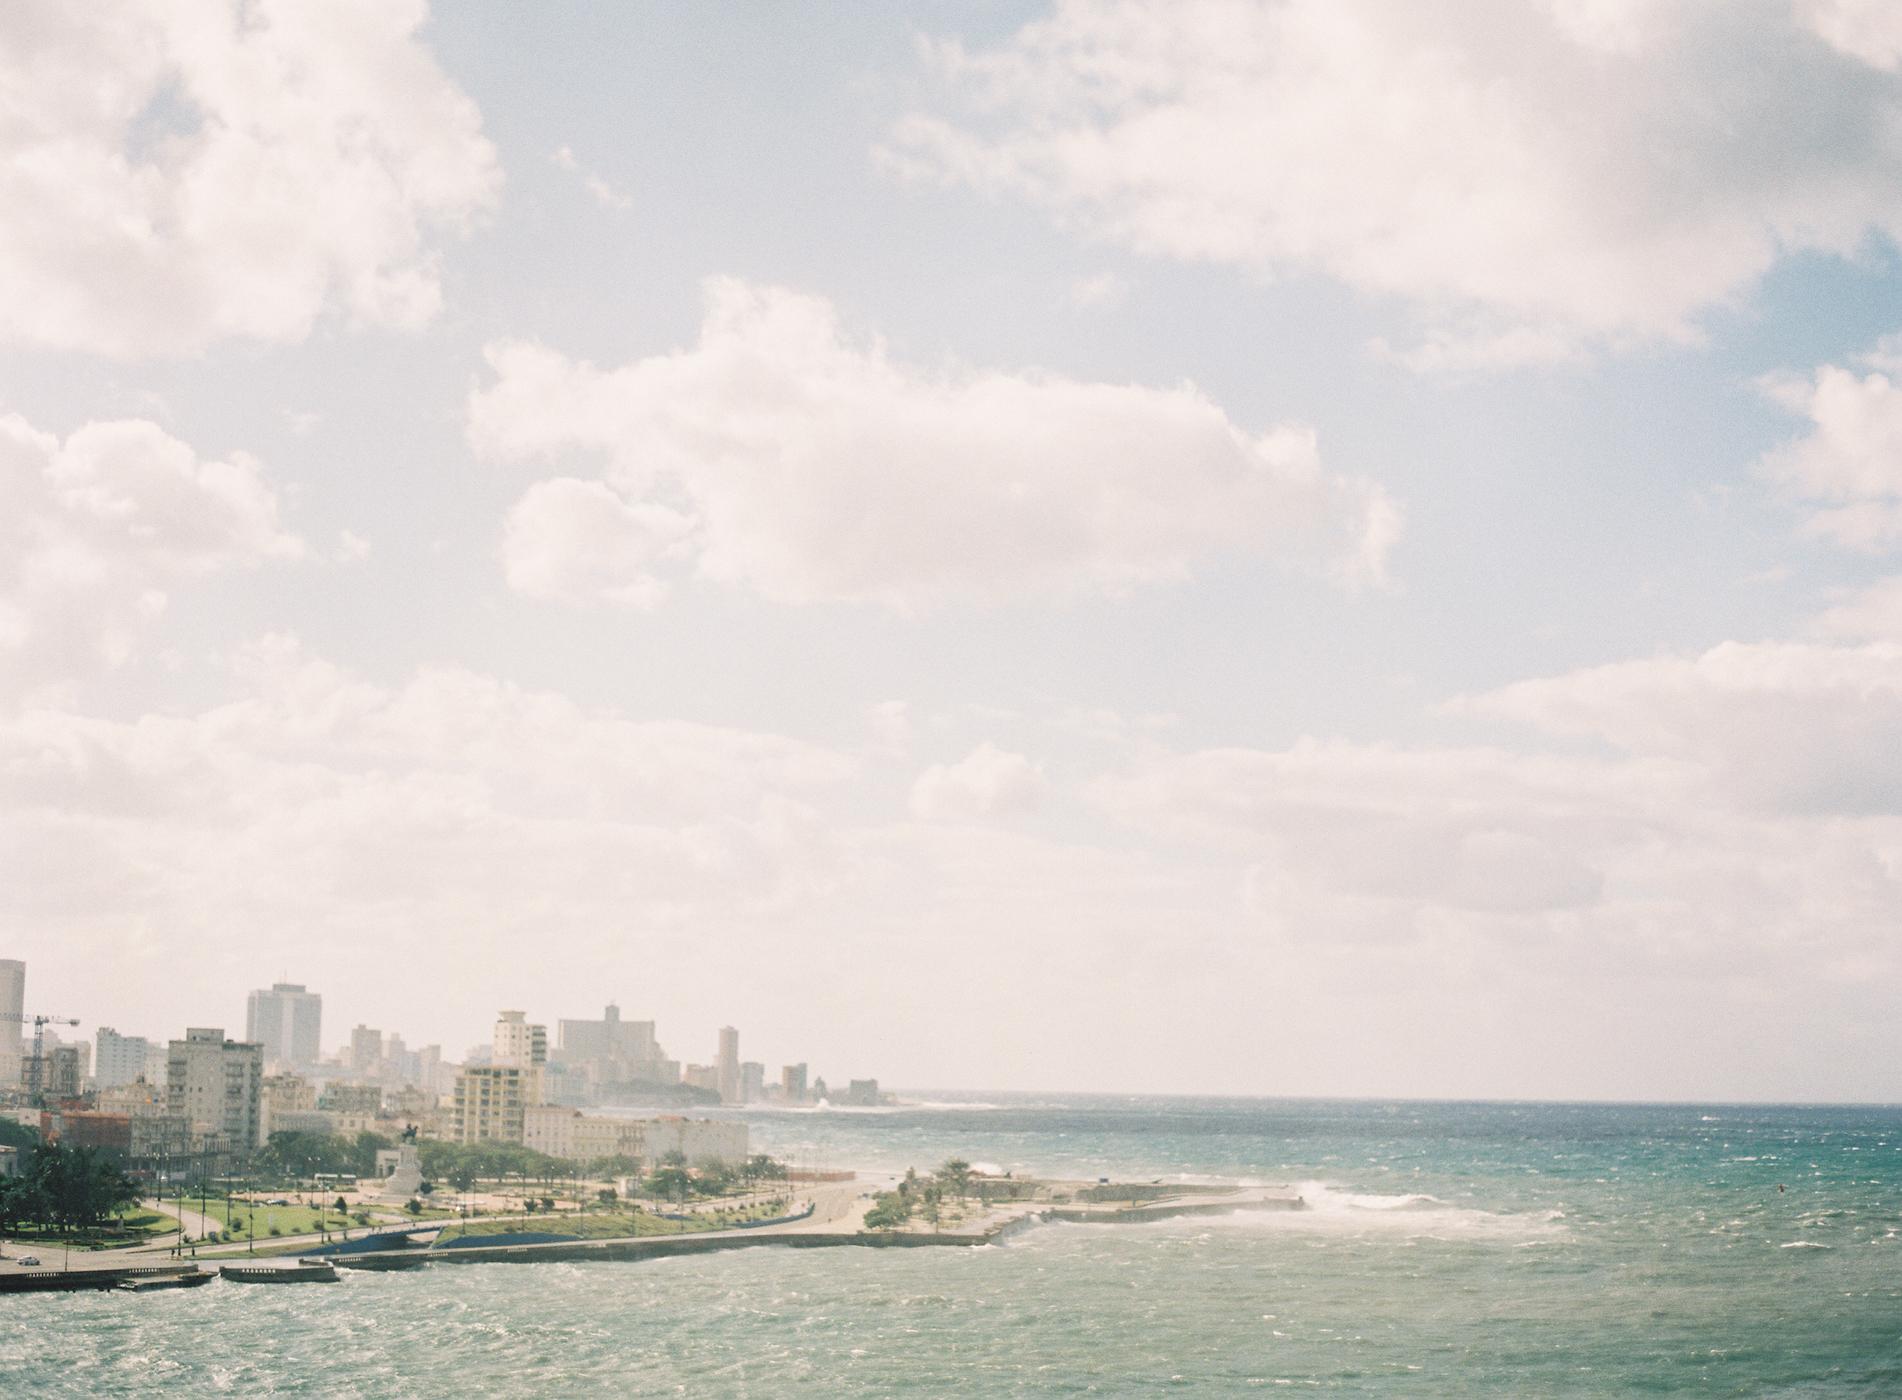 JenHuang-Cuba2016-5-009439-R1-002.jpg